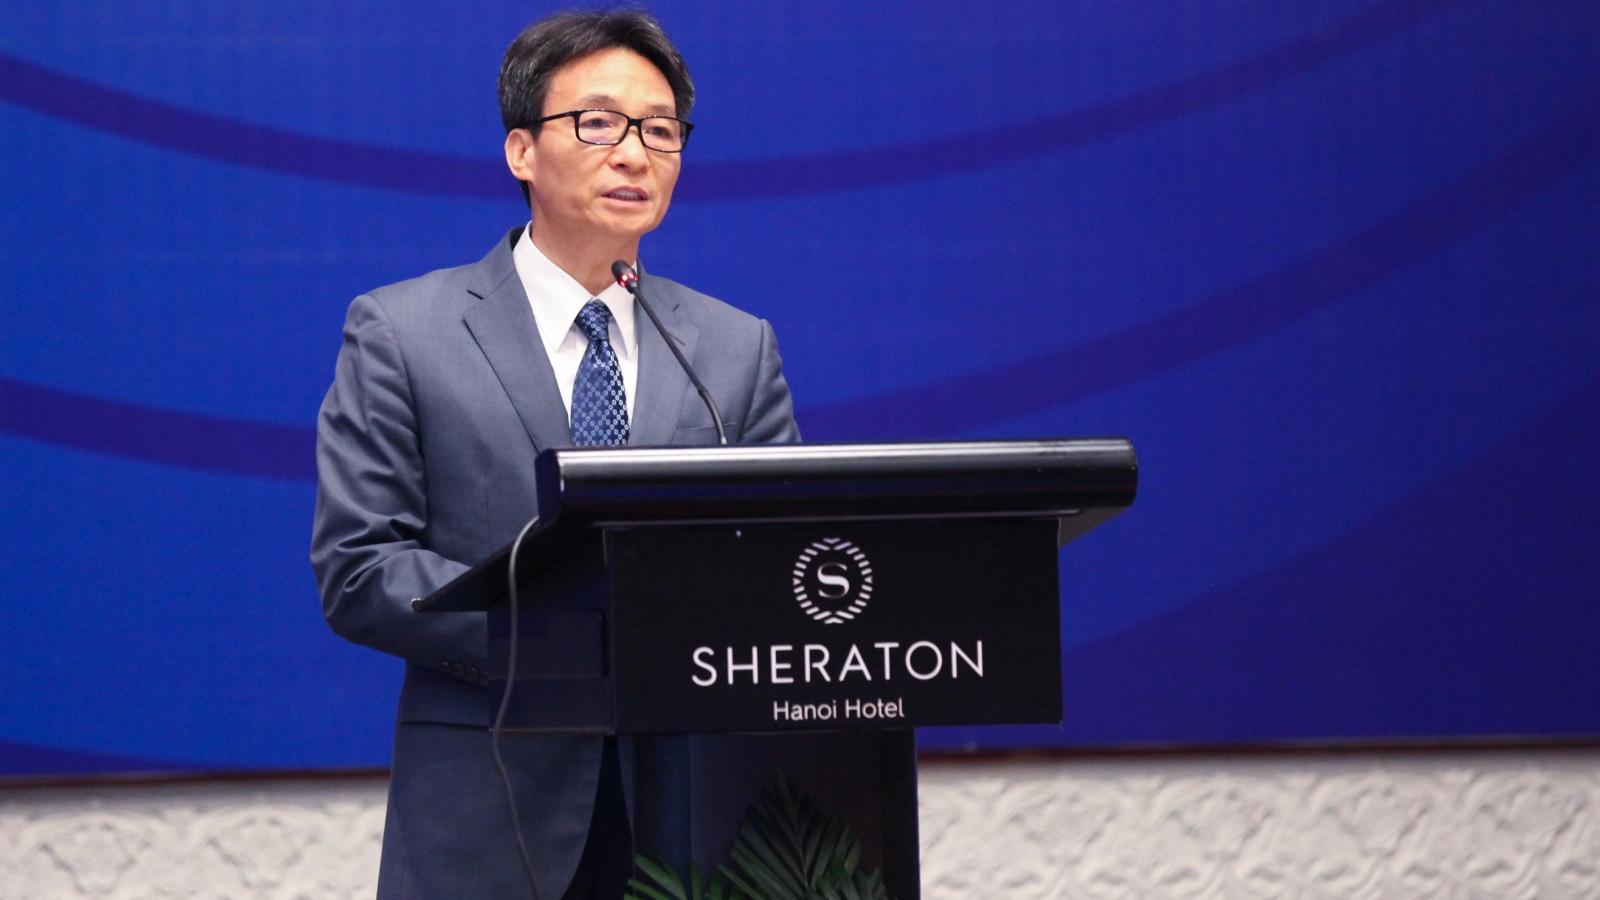 Chìa khóa nào để nâng cao chất lượng nguồn nhân lực khu vực ASEAN?